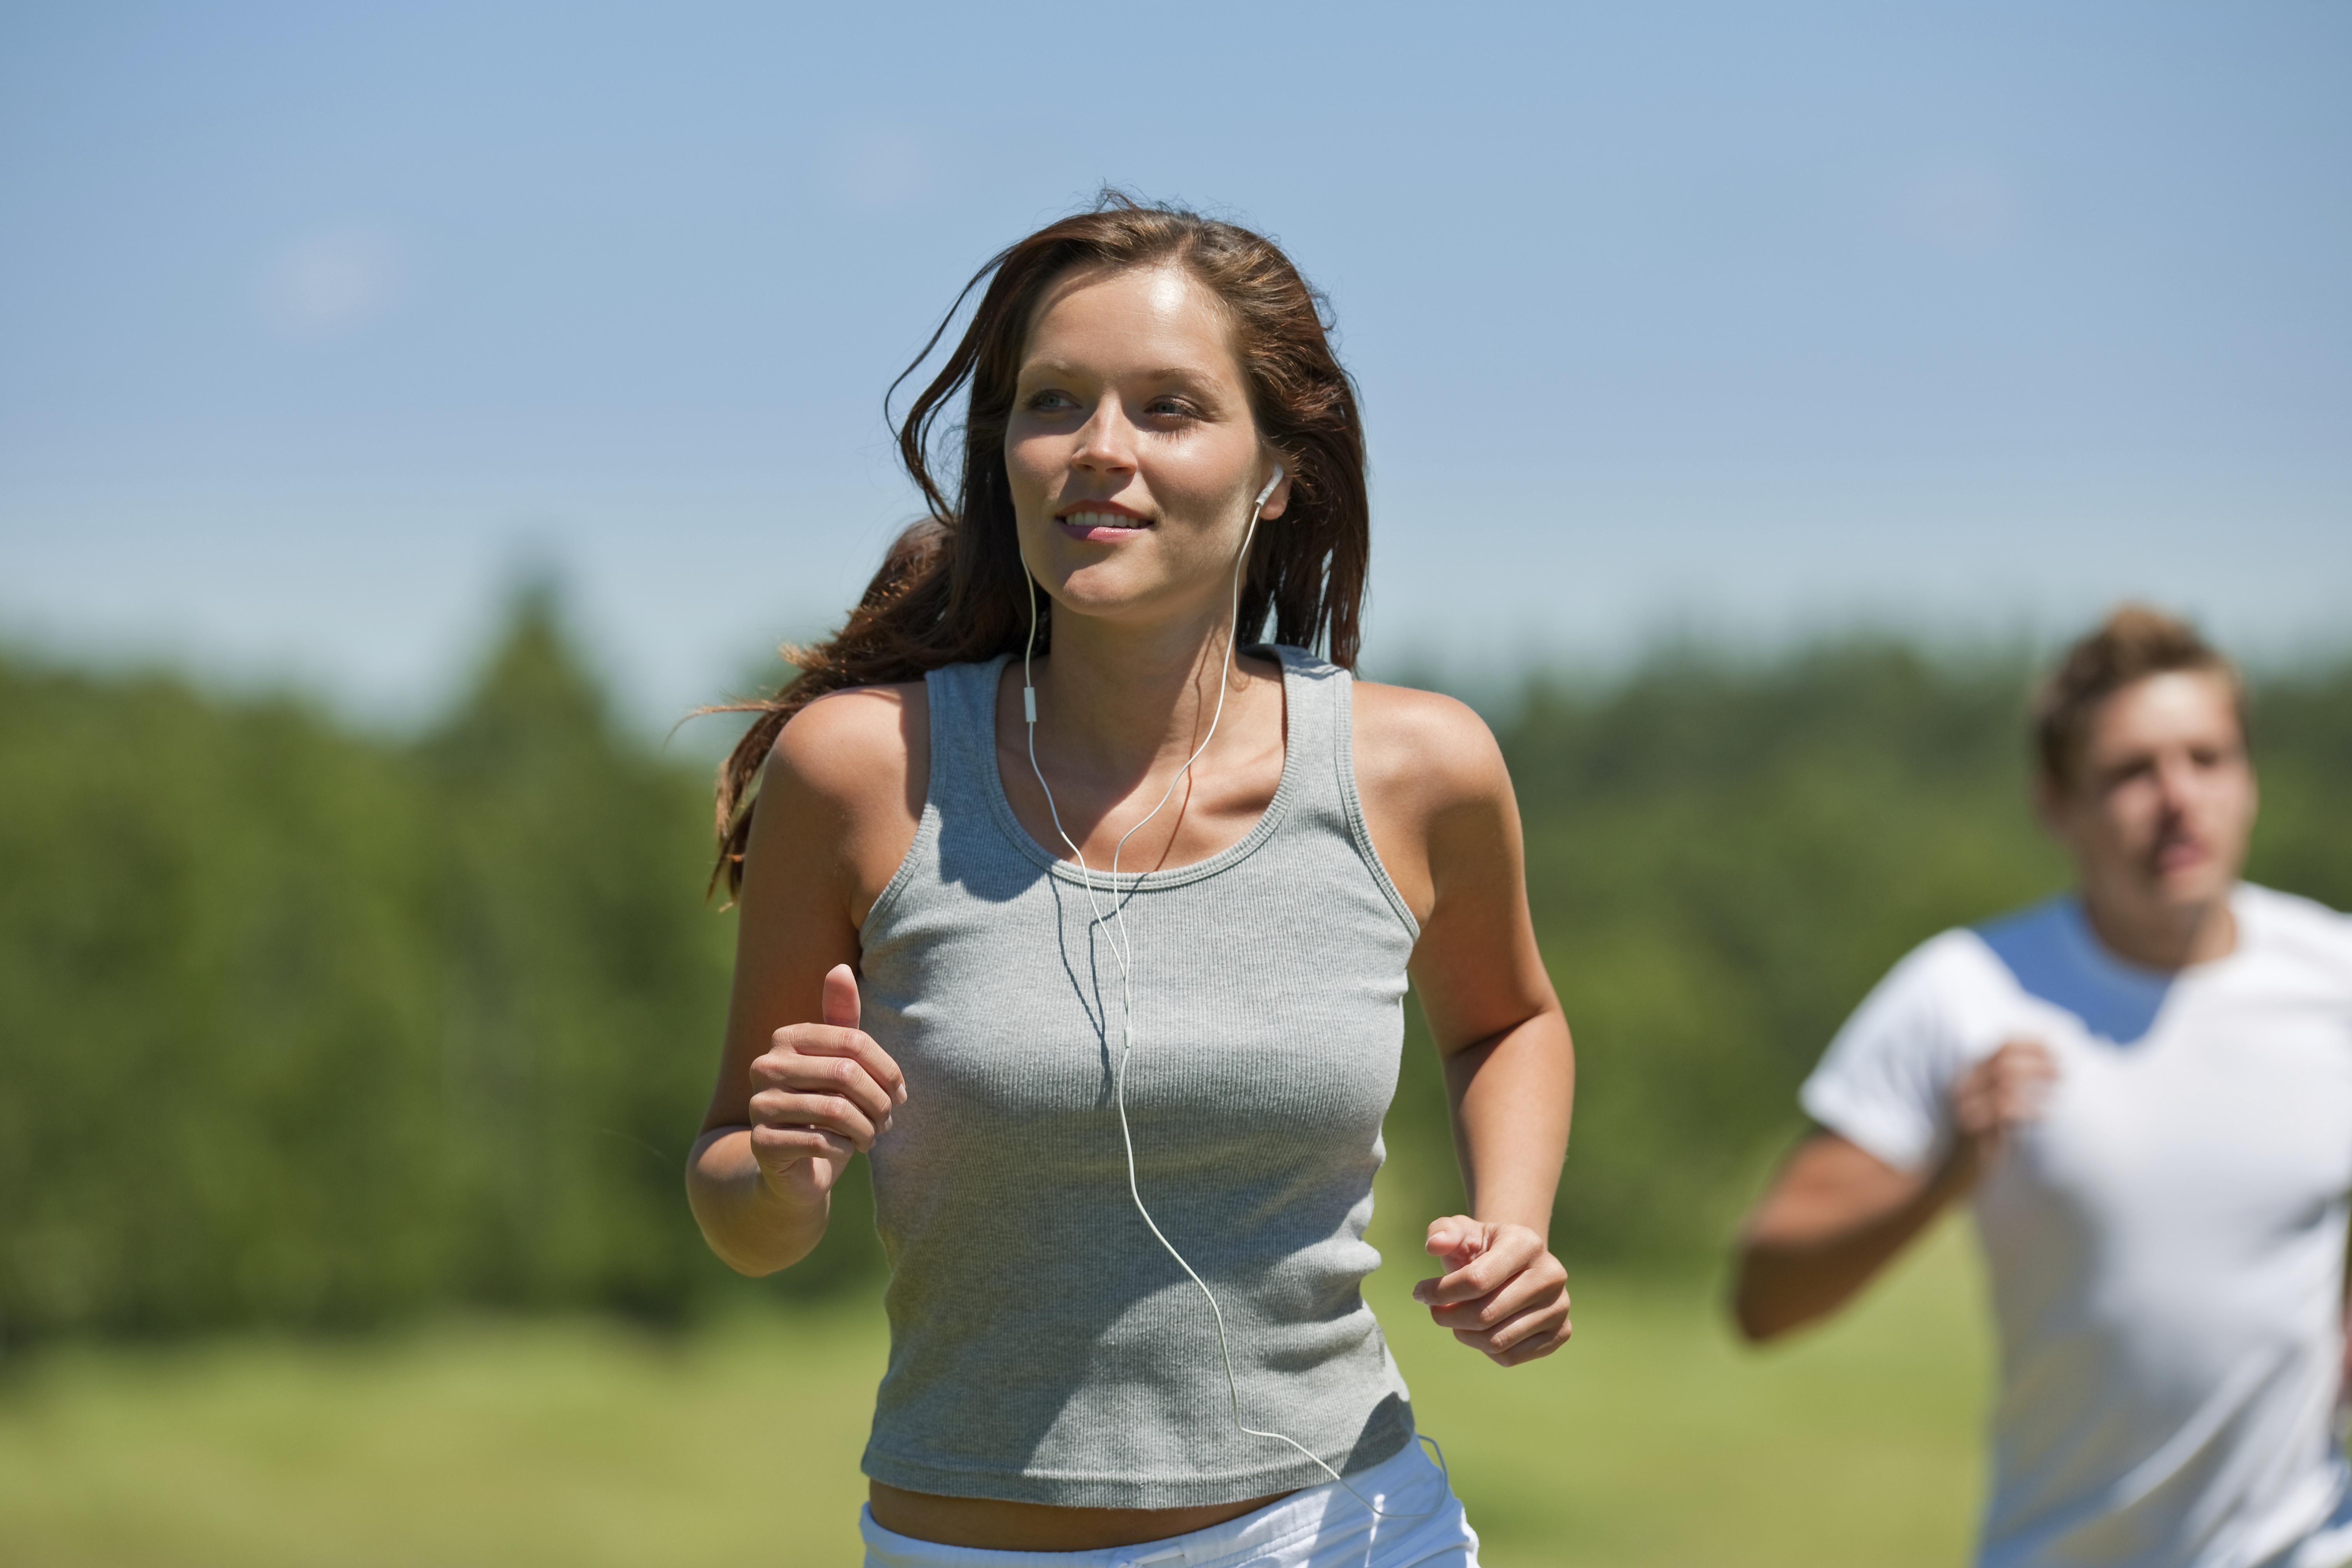 Saúde aos 30 Anos: Dicas